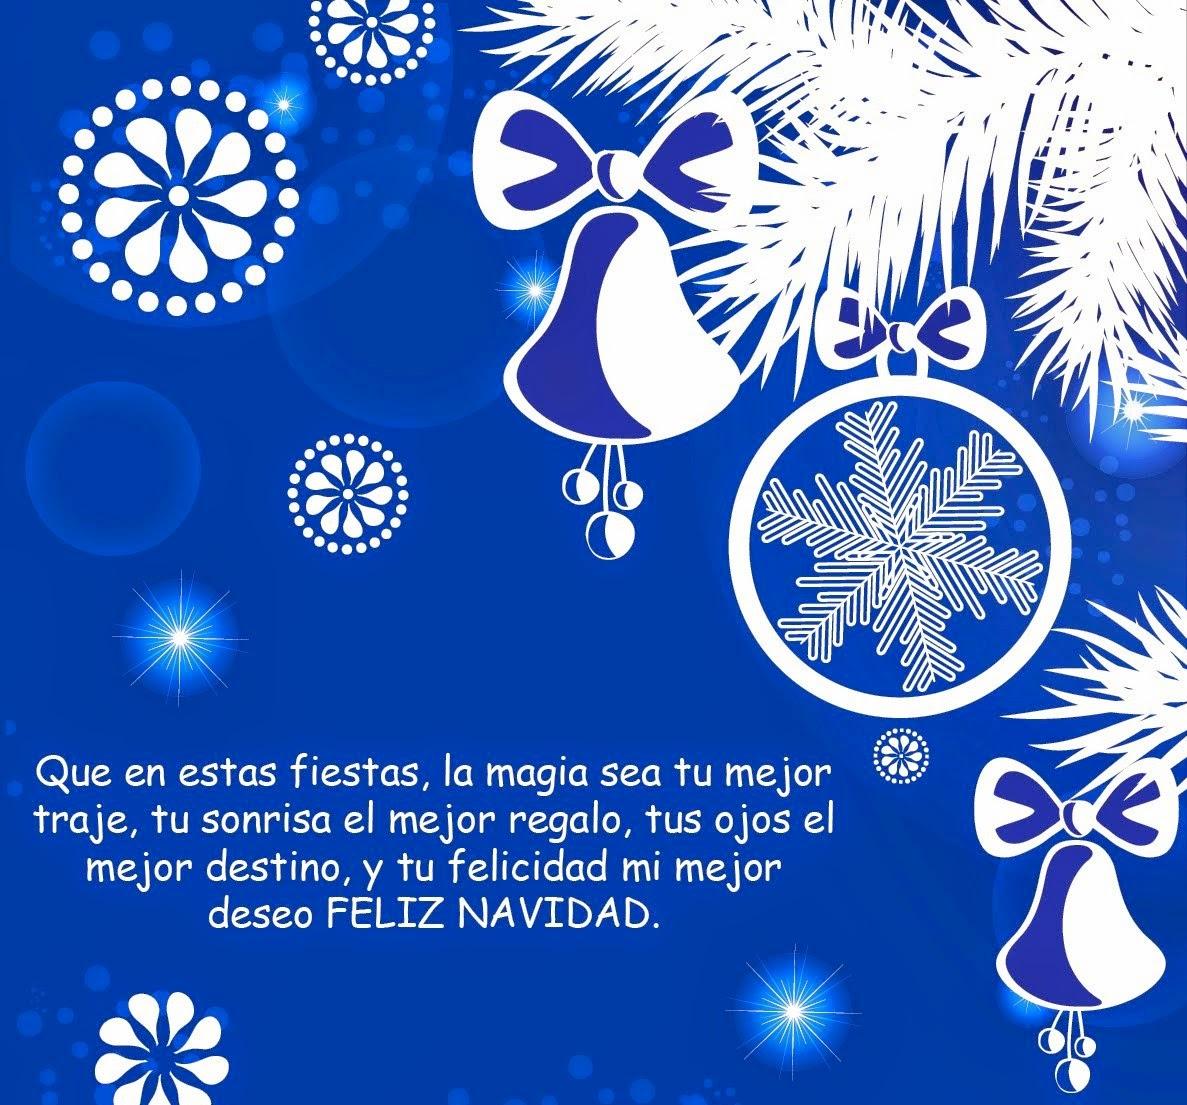 Poemas de año nuevo 2015